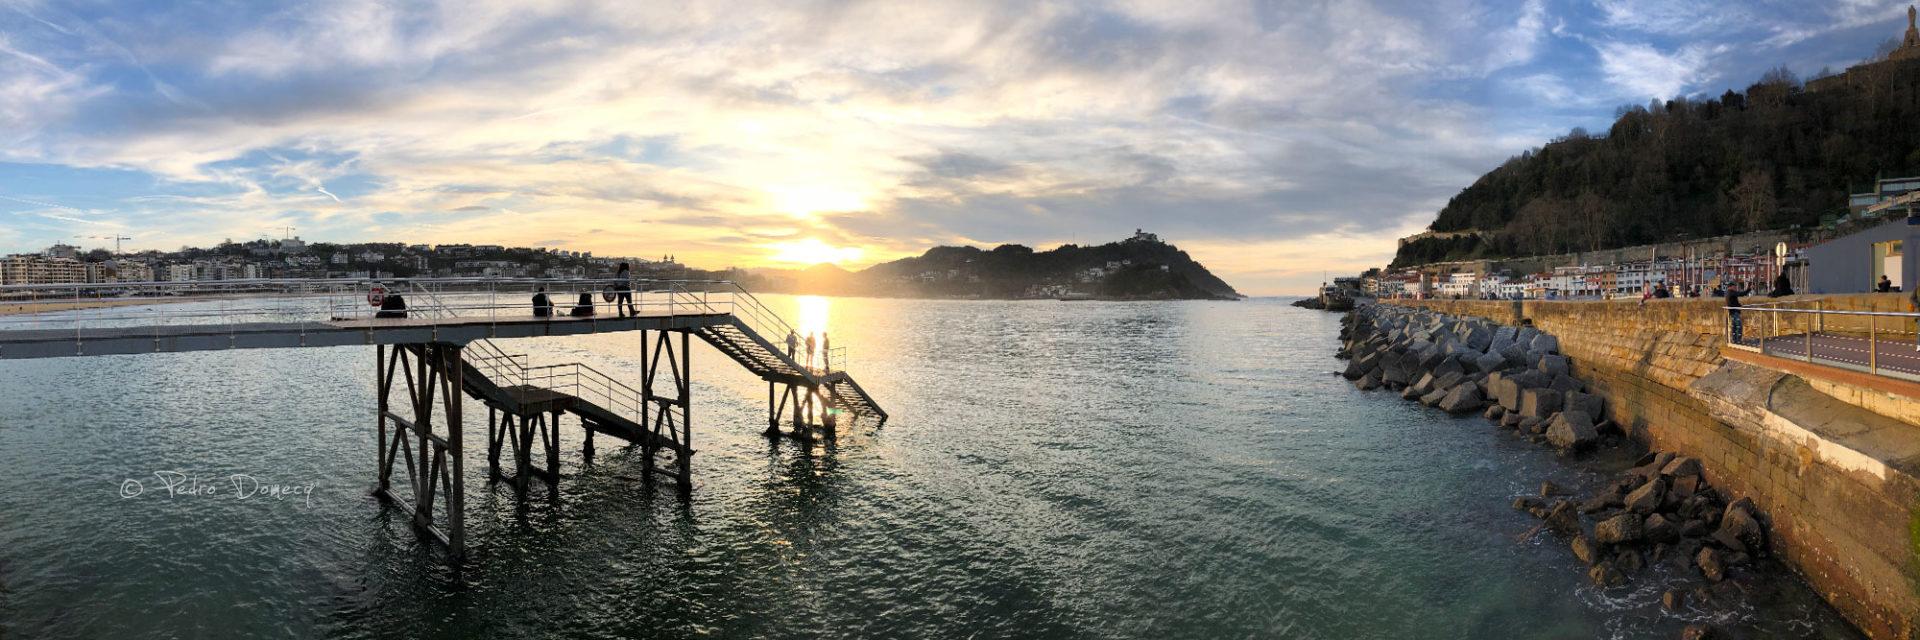 Atardecer en la Bahía de La Concha - Fotos de San Sebastián